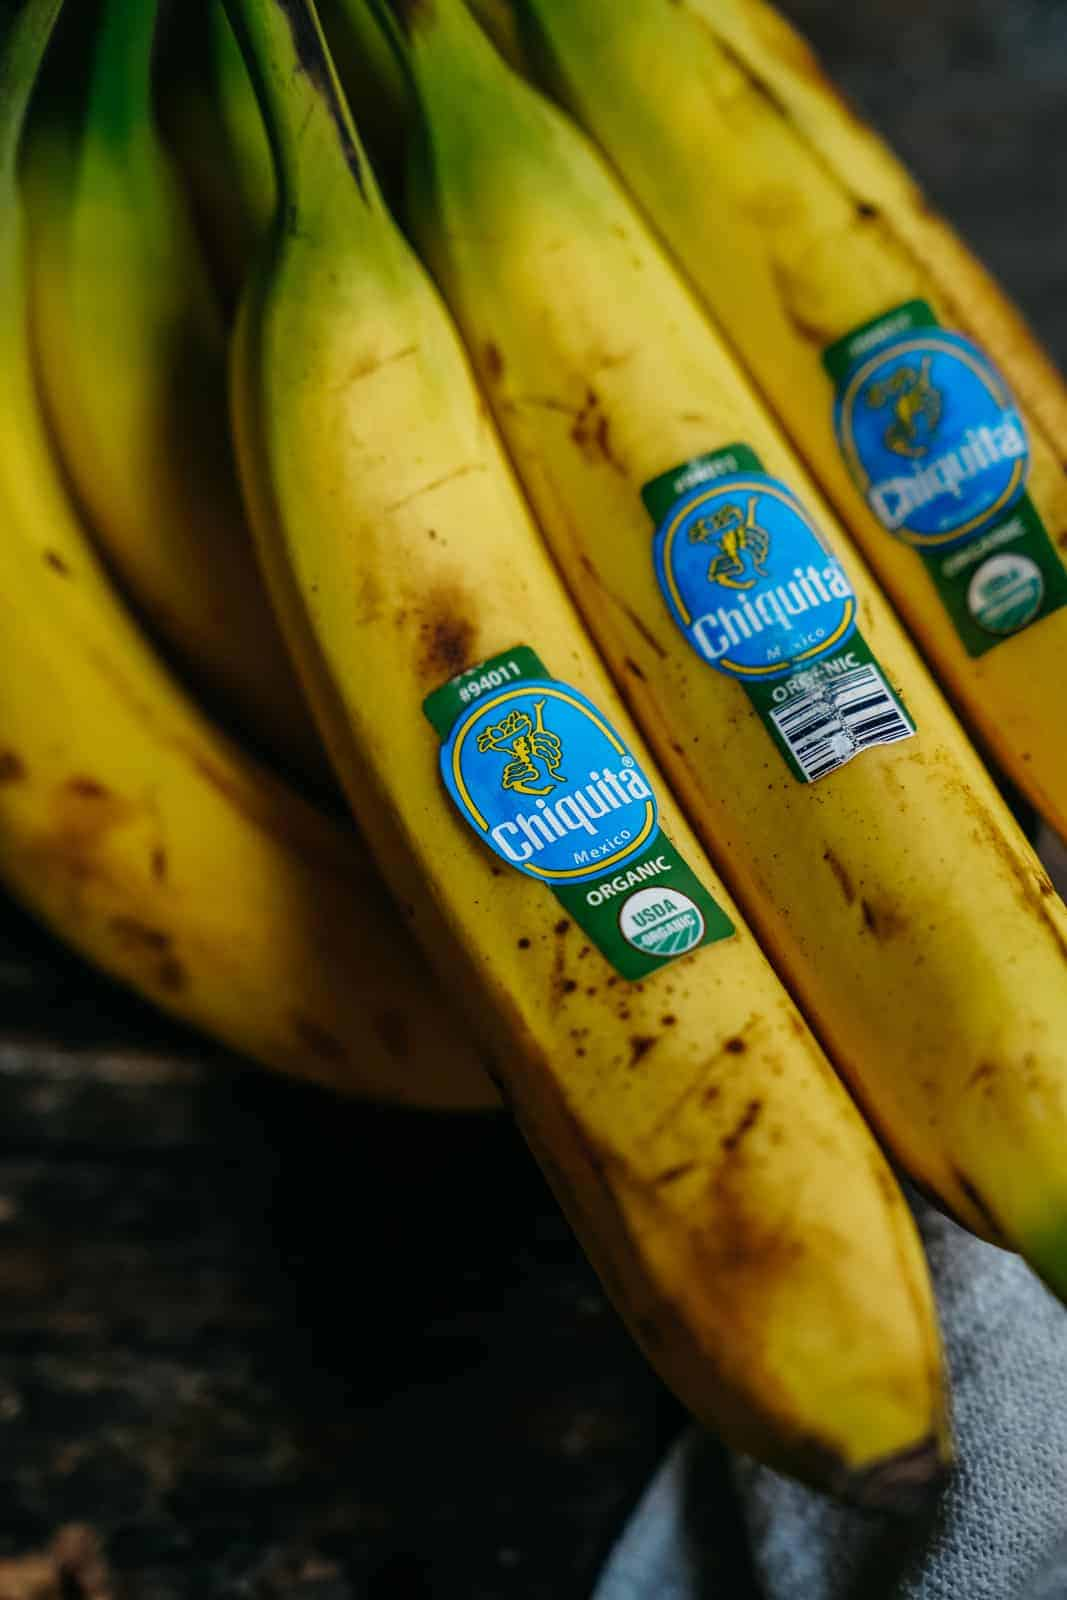 chiquita bananas